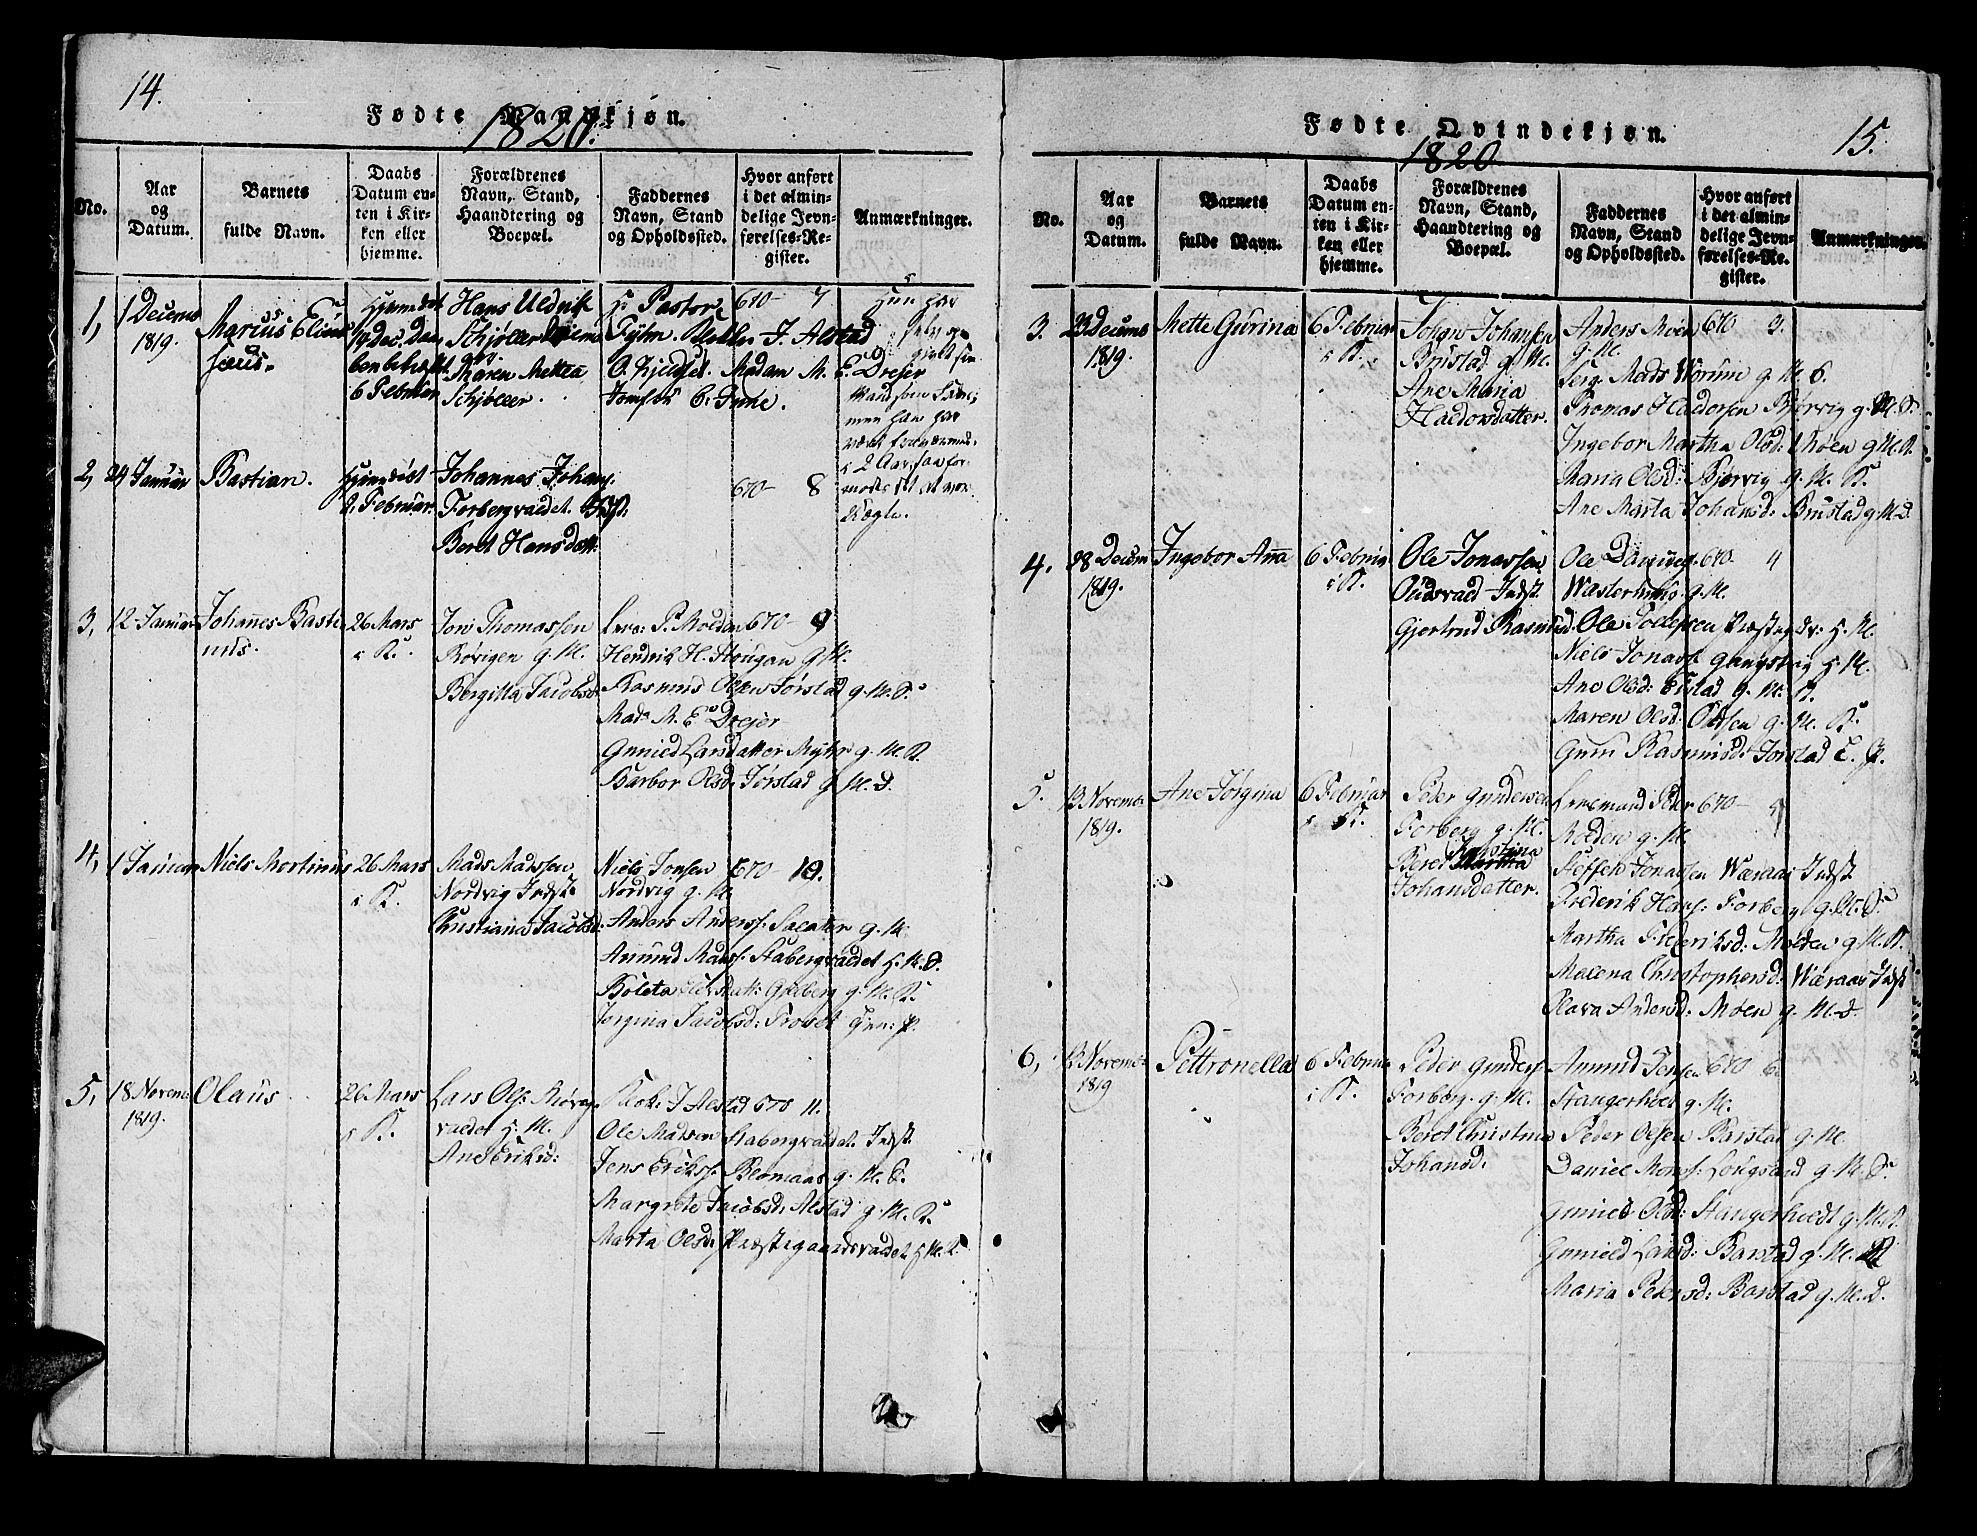 SAT, Ministerialprotokoller, klokkerbøker og fødselsregistre - Nord-Trøndelag, 722/L0217: Ministerialbok nr. 722A04, 1817-1842, s. 14-15